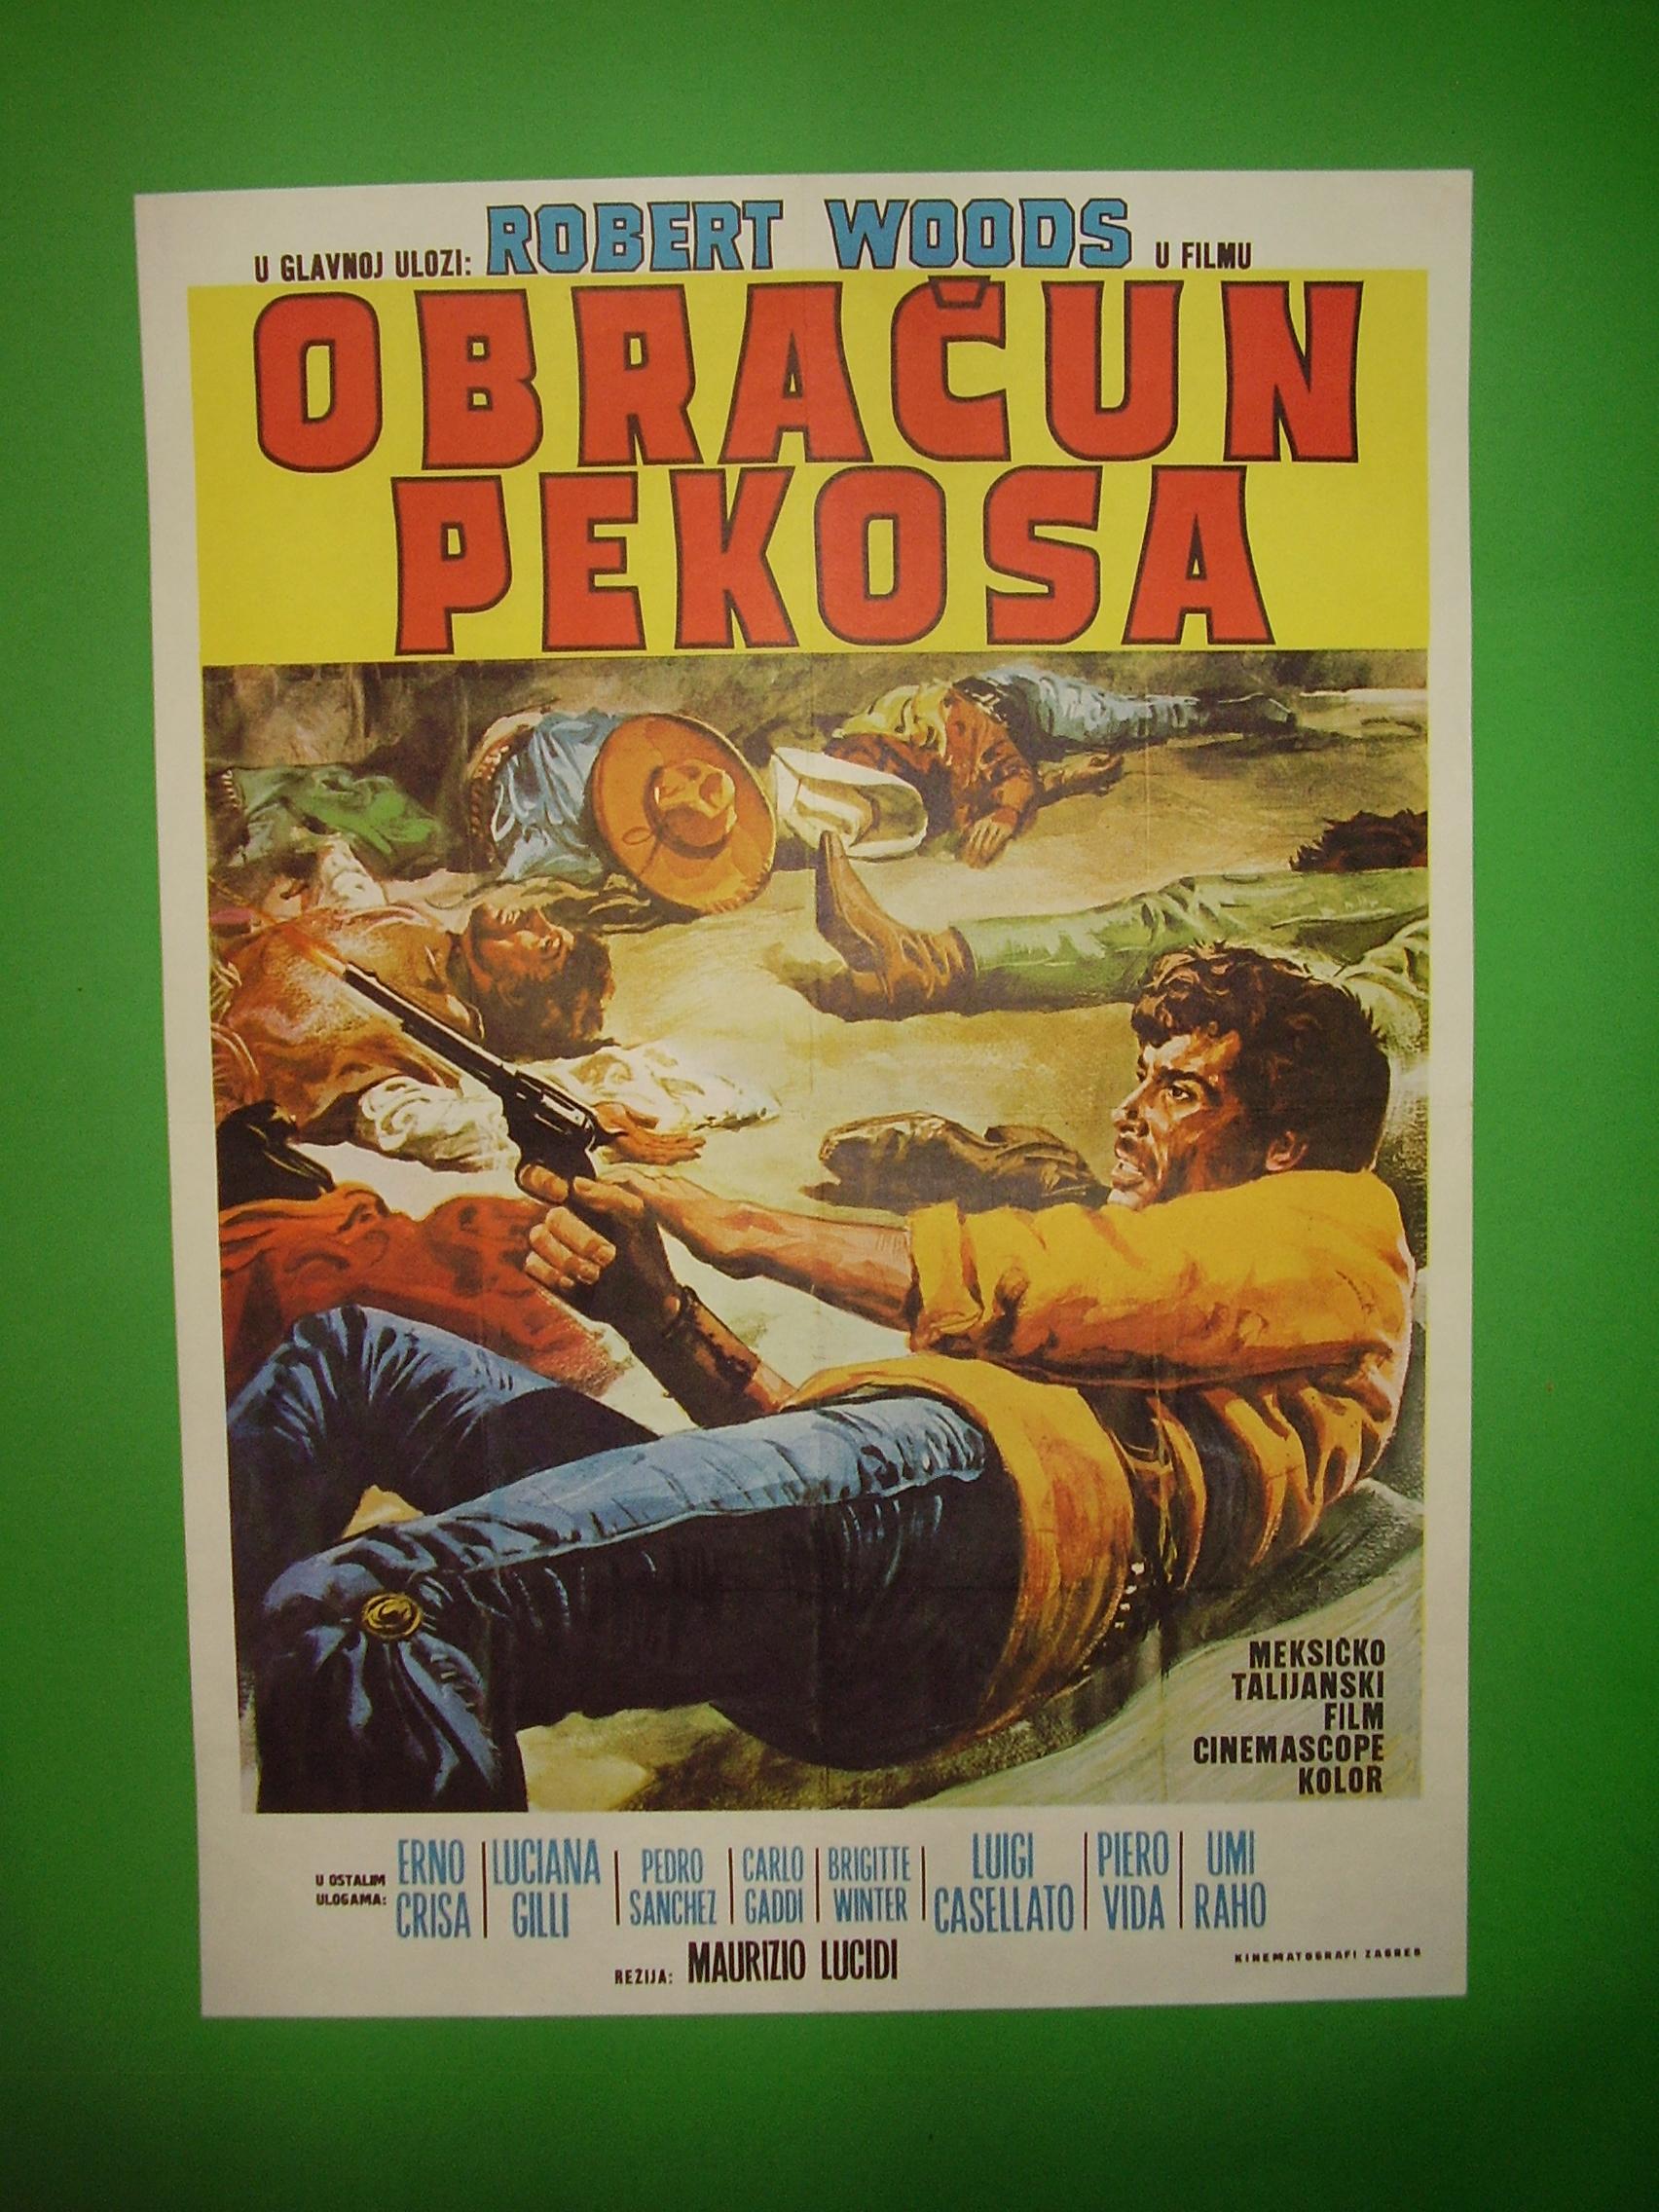 Pecos è qui: prega e muori! (1967)